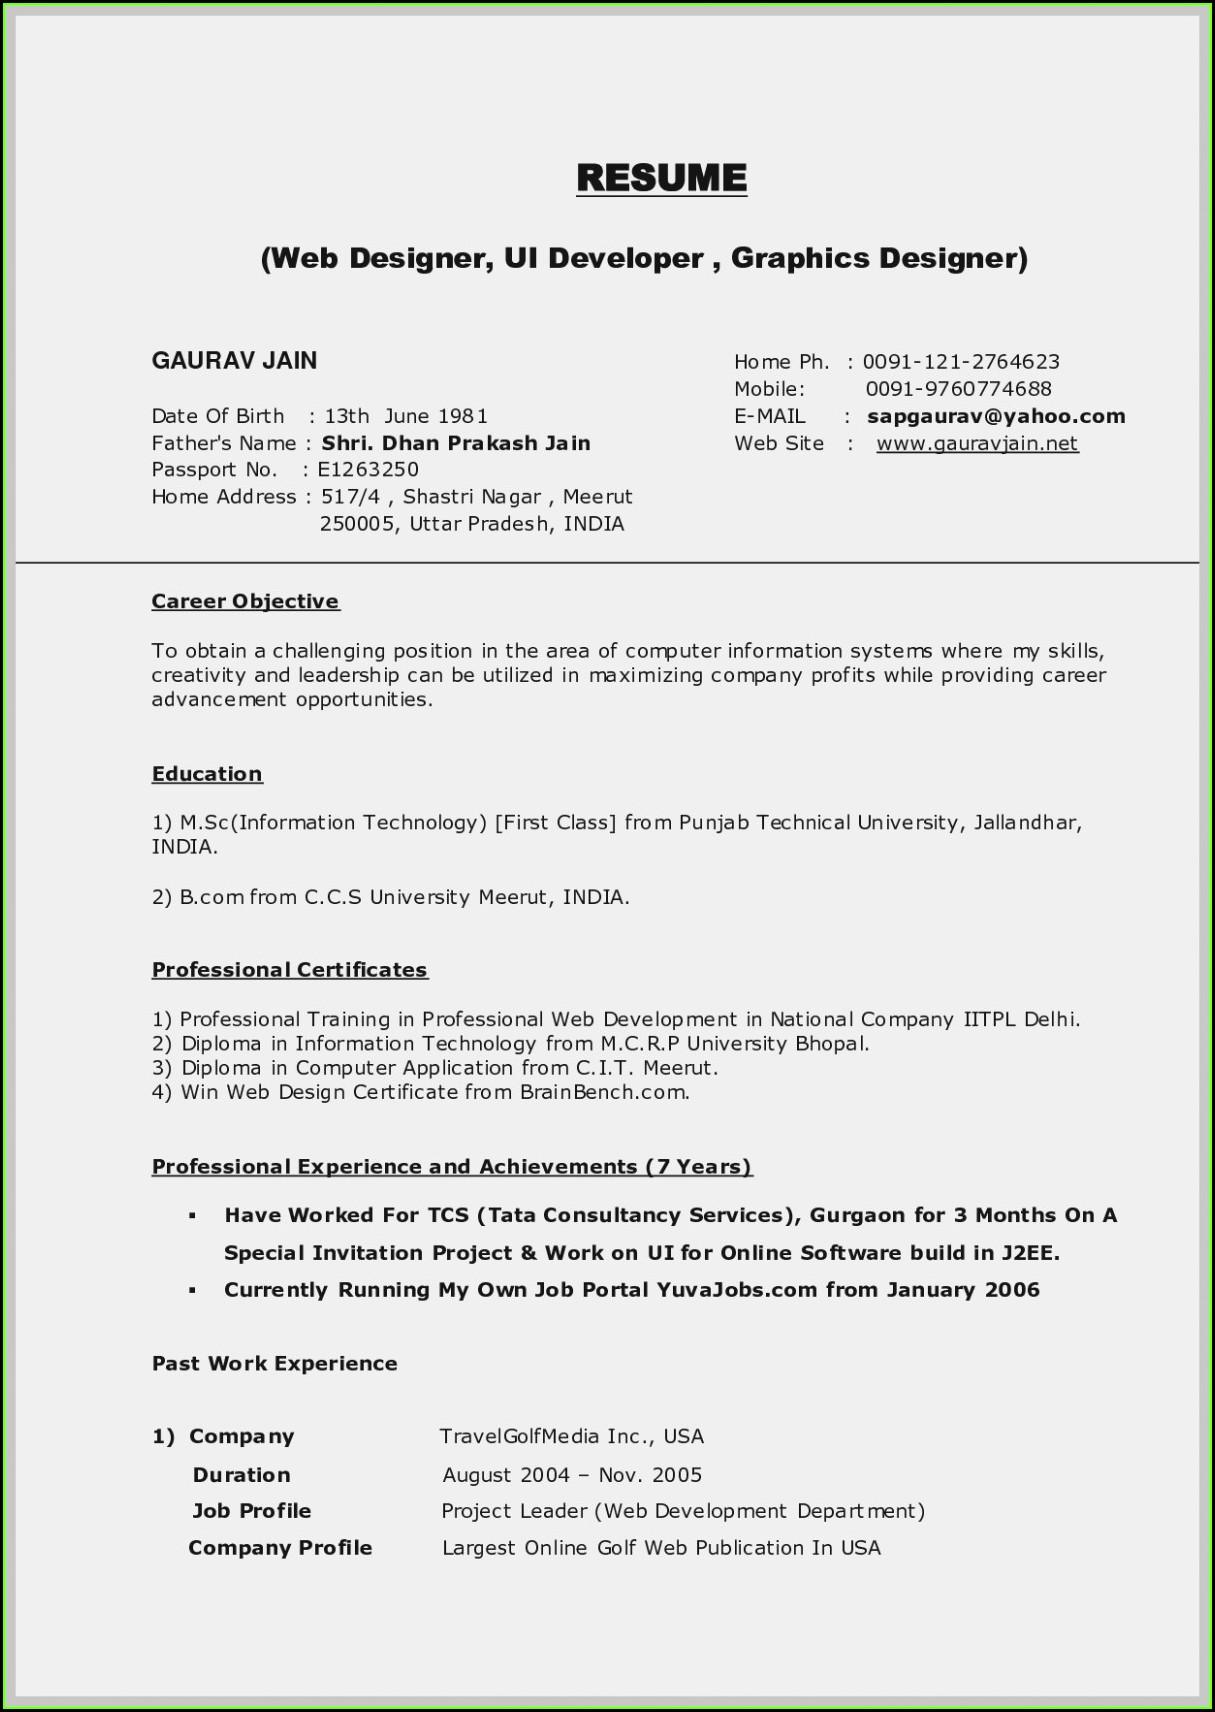 Free Online Resume Builder Software Download